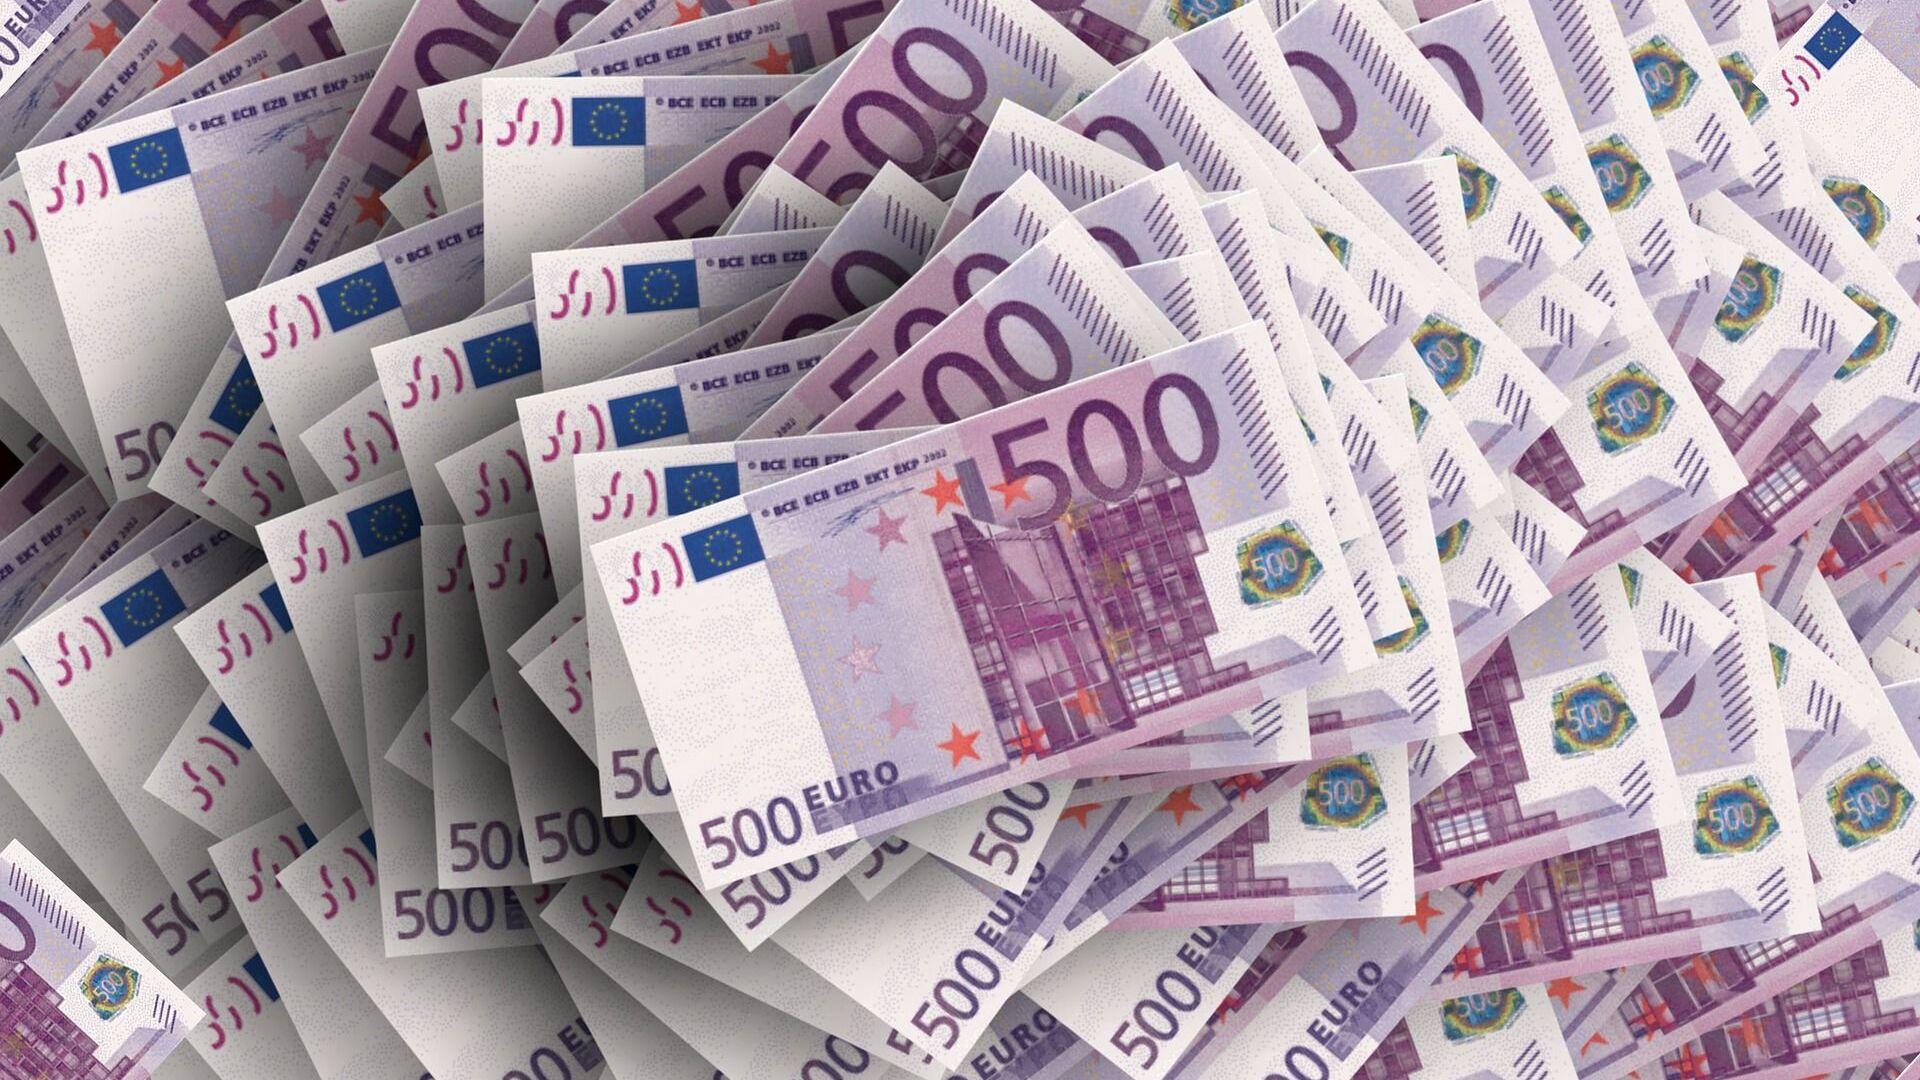 Bankovky v hodnotě 500 eur - Sputnik Česká republika, 1920, 04.03.2021